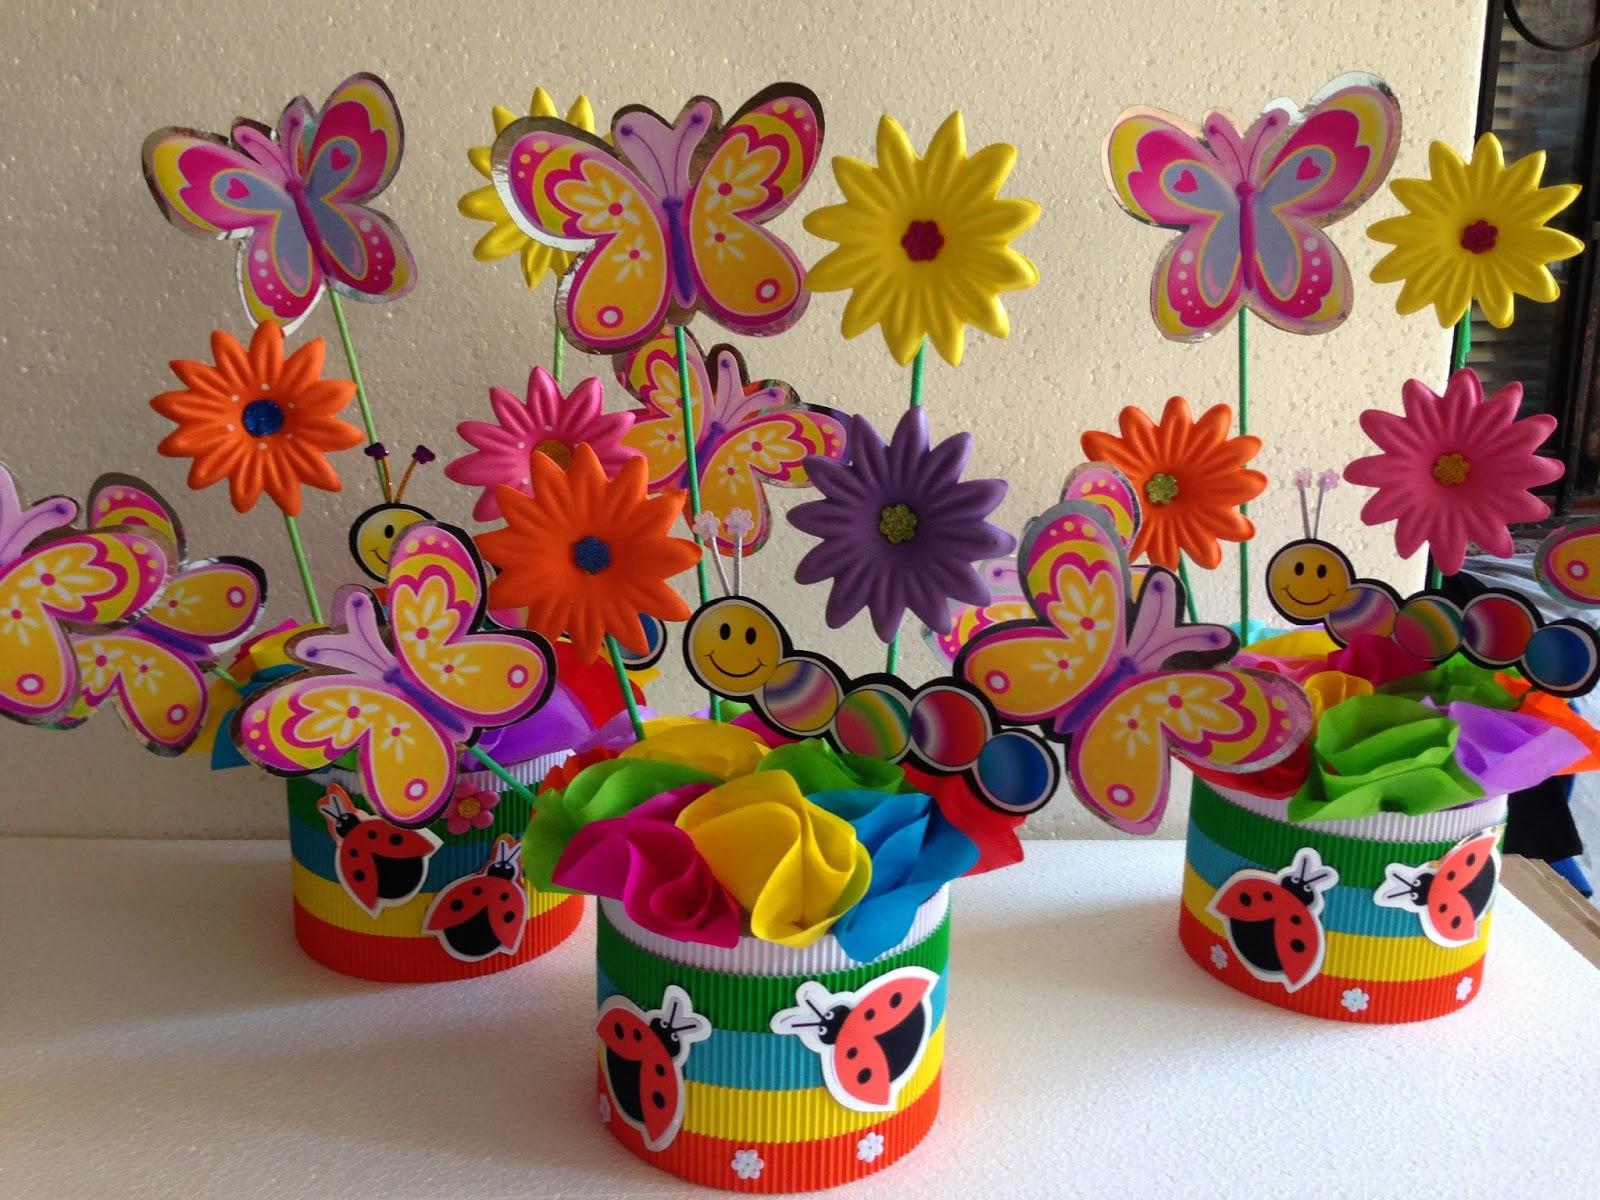 Decoraciones infantiles mariposas y flores - Decoracion cumpleanos infantiles manualidades ...